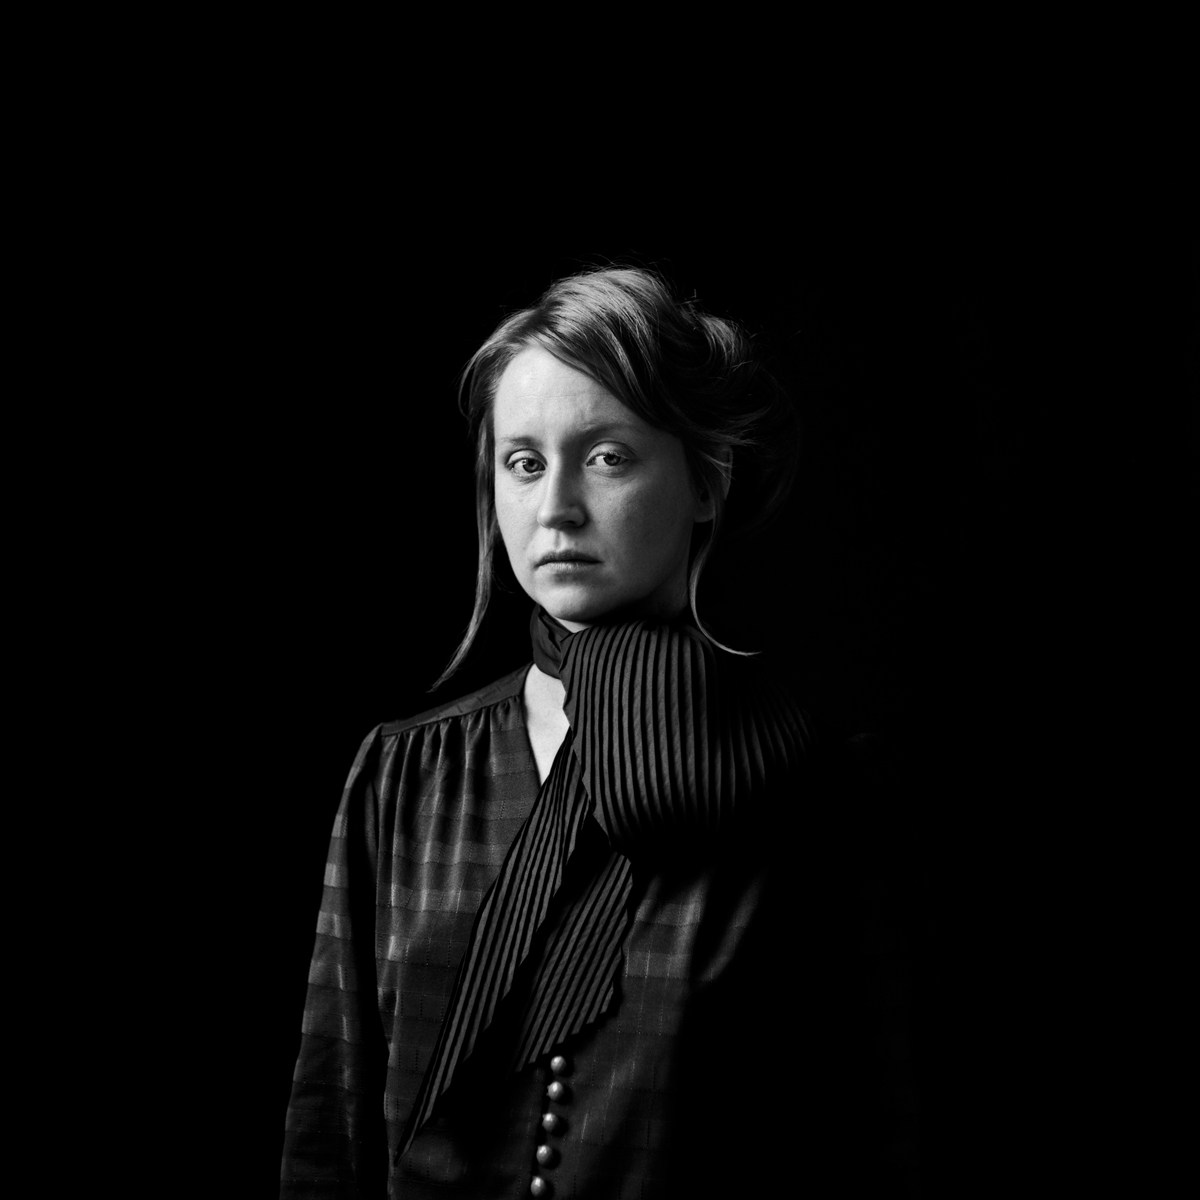 Nelli Palomäki - Aino at 27